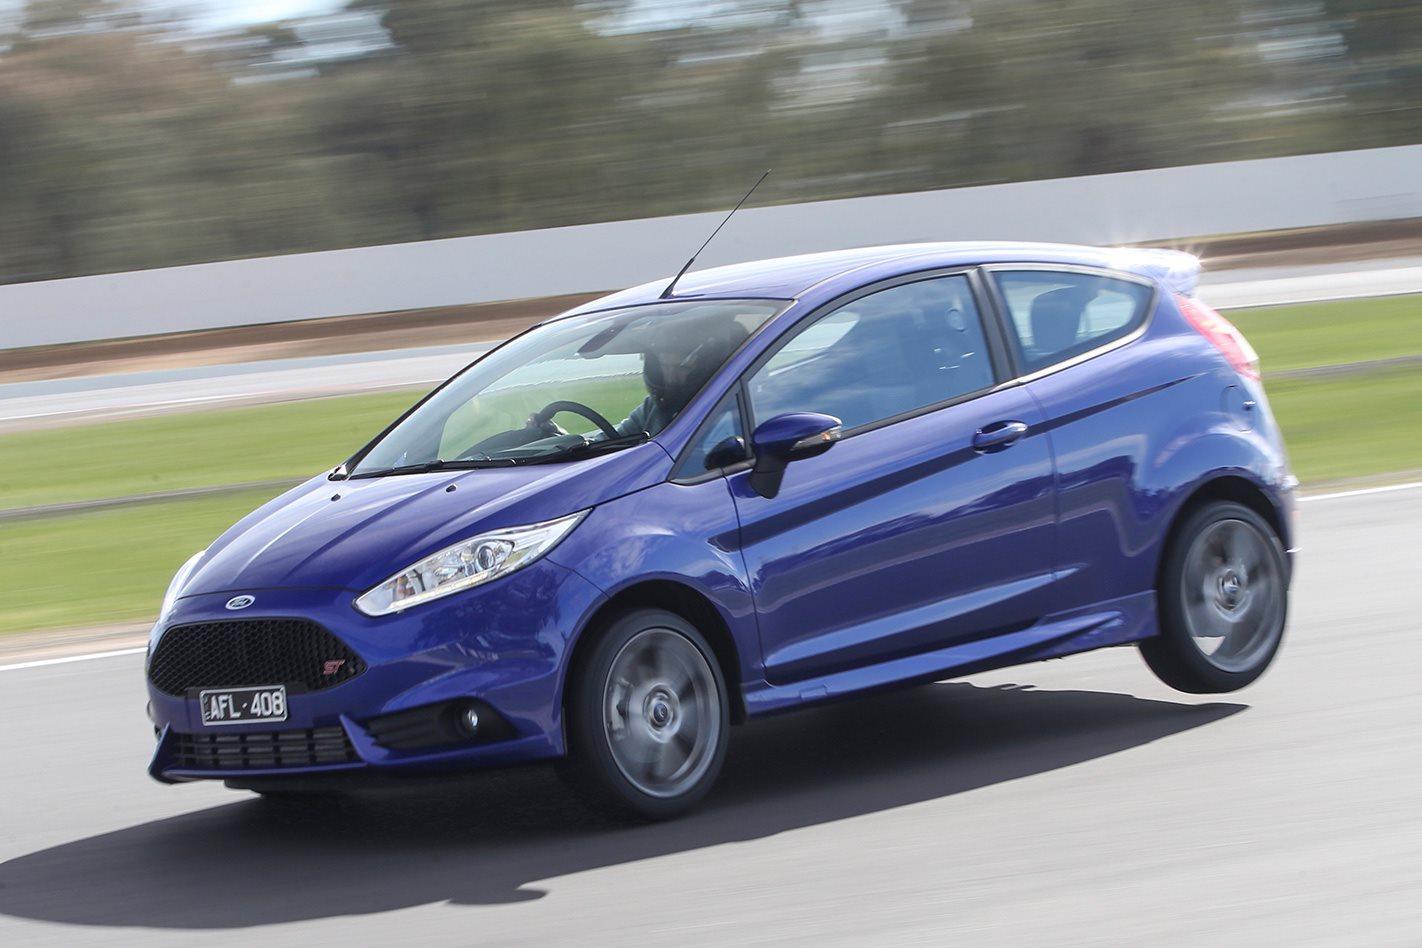 Ford fiesta st 5 bfyb 2016 0 50k